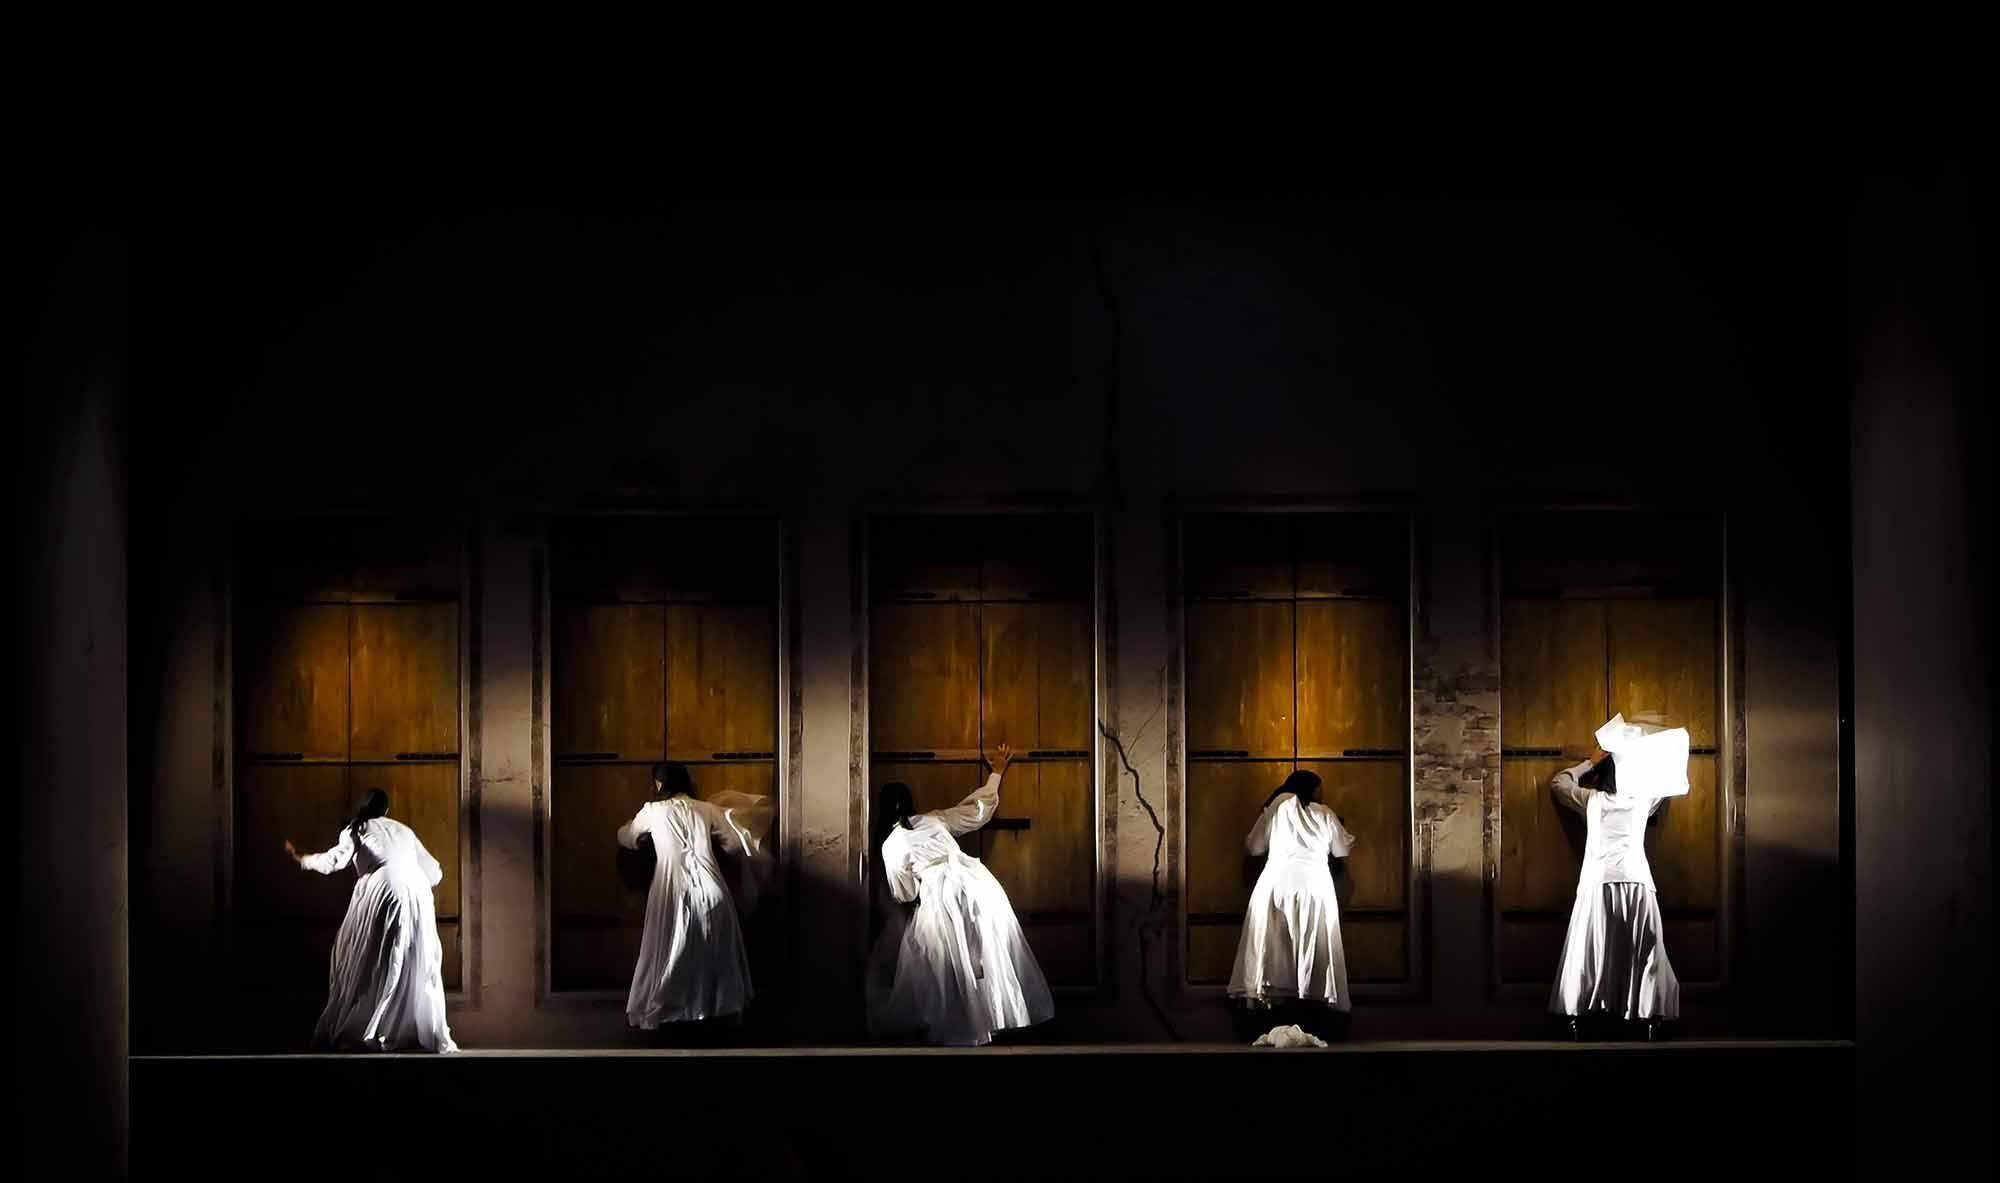 اجرای نمایش خیابانی «نامیرا» زیر باران شدید/ صندلیهای خالی تماشاگر «خانه برنارد آلبا» بود